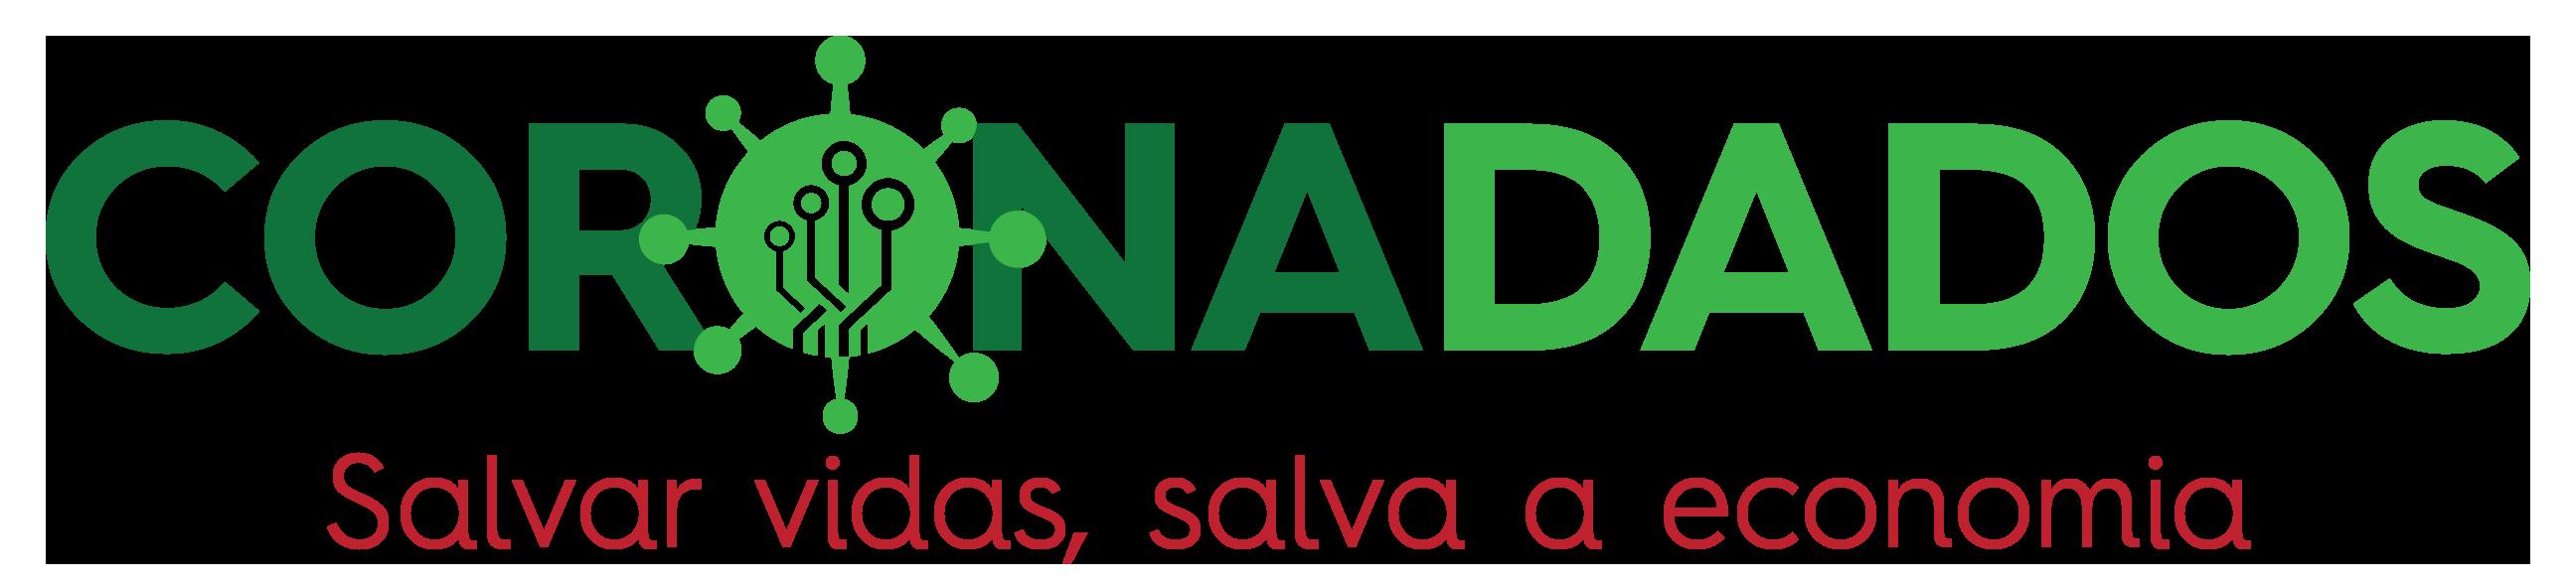 CORONA DADOS - Salva vidas, salva a economia